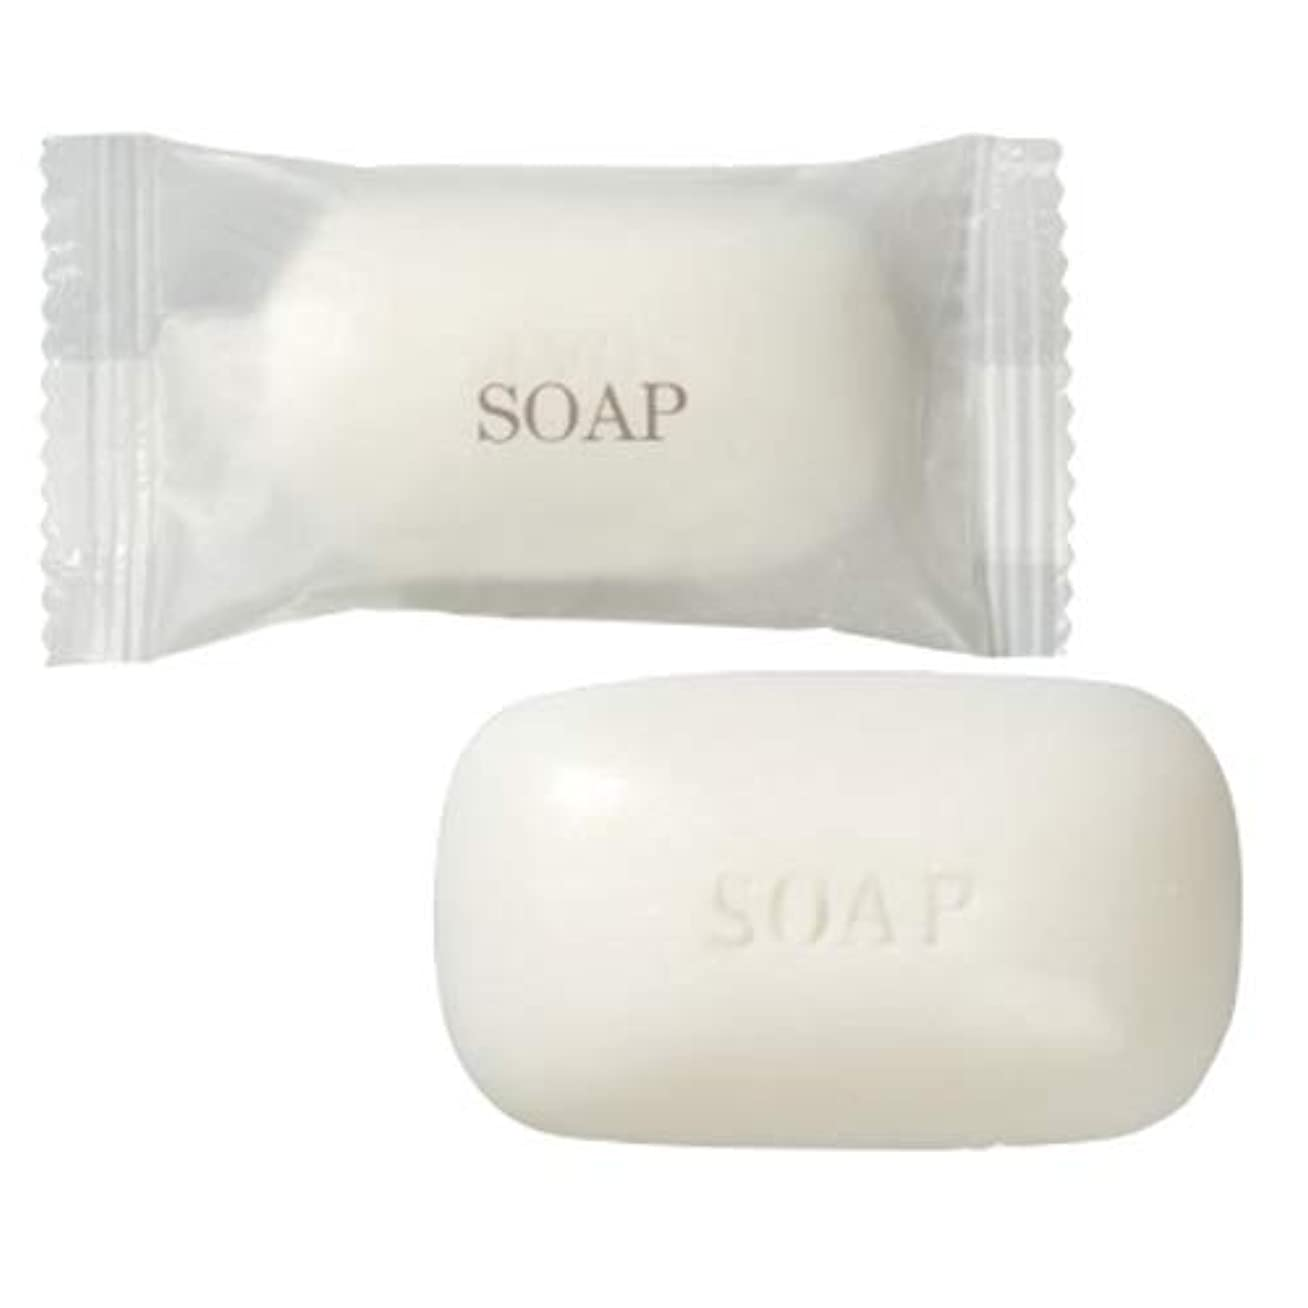 業務用 フィードソープ(FEED SOAP) マット袋(M袋) 15g ×3個 | ホテルアメニティ 個包装